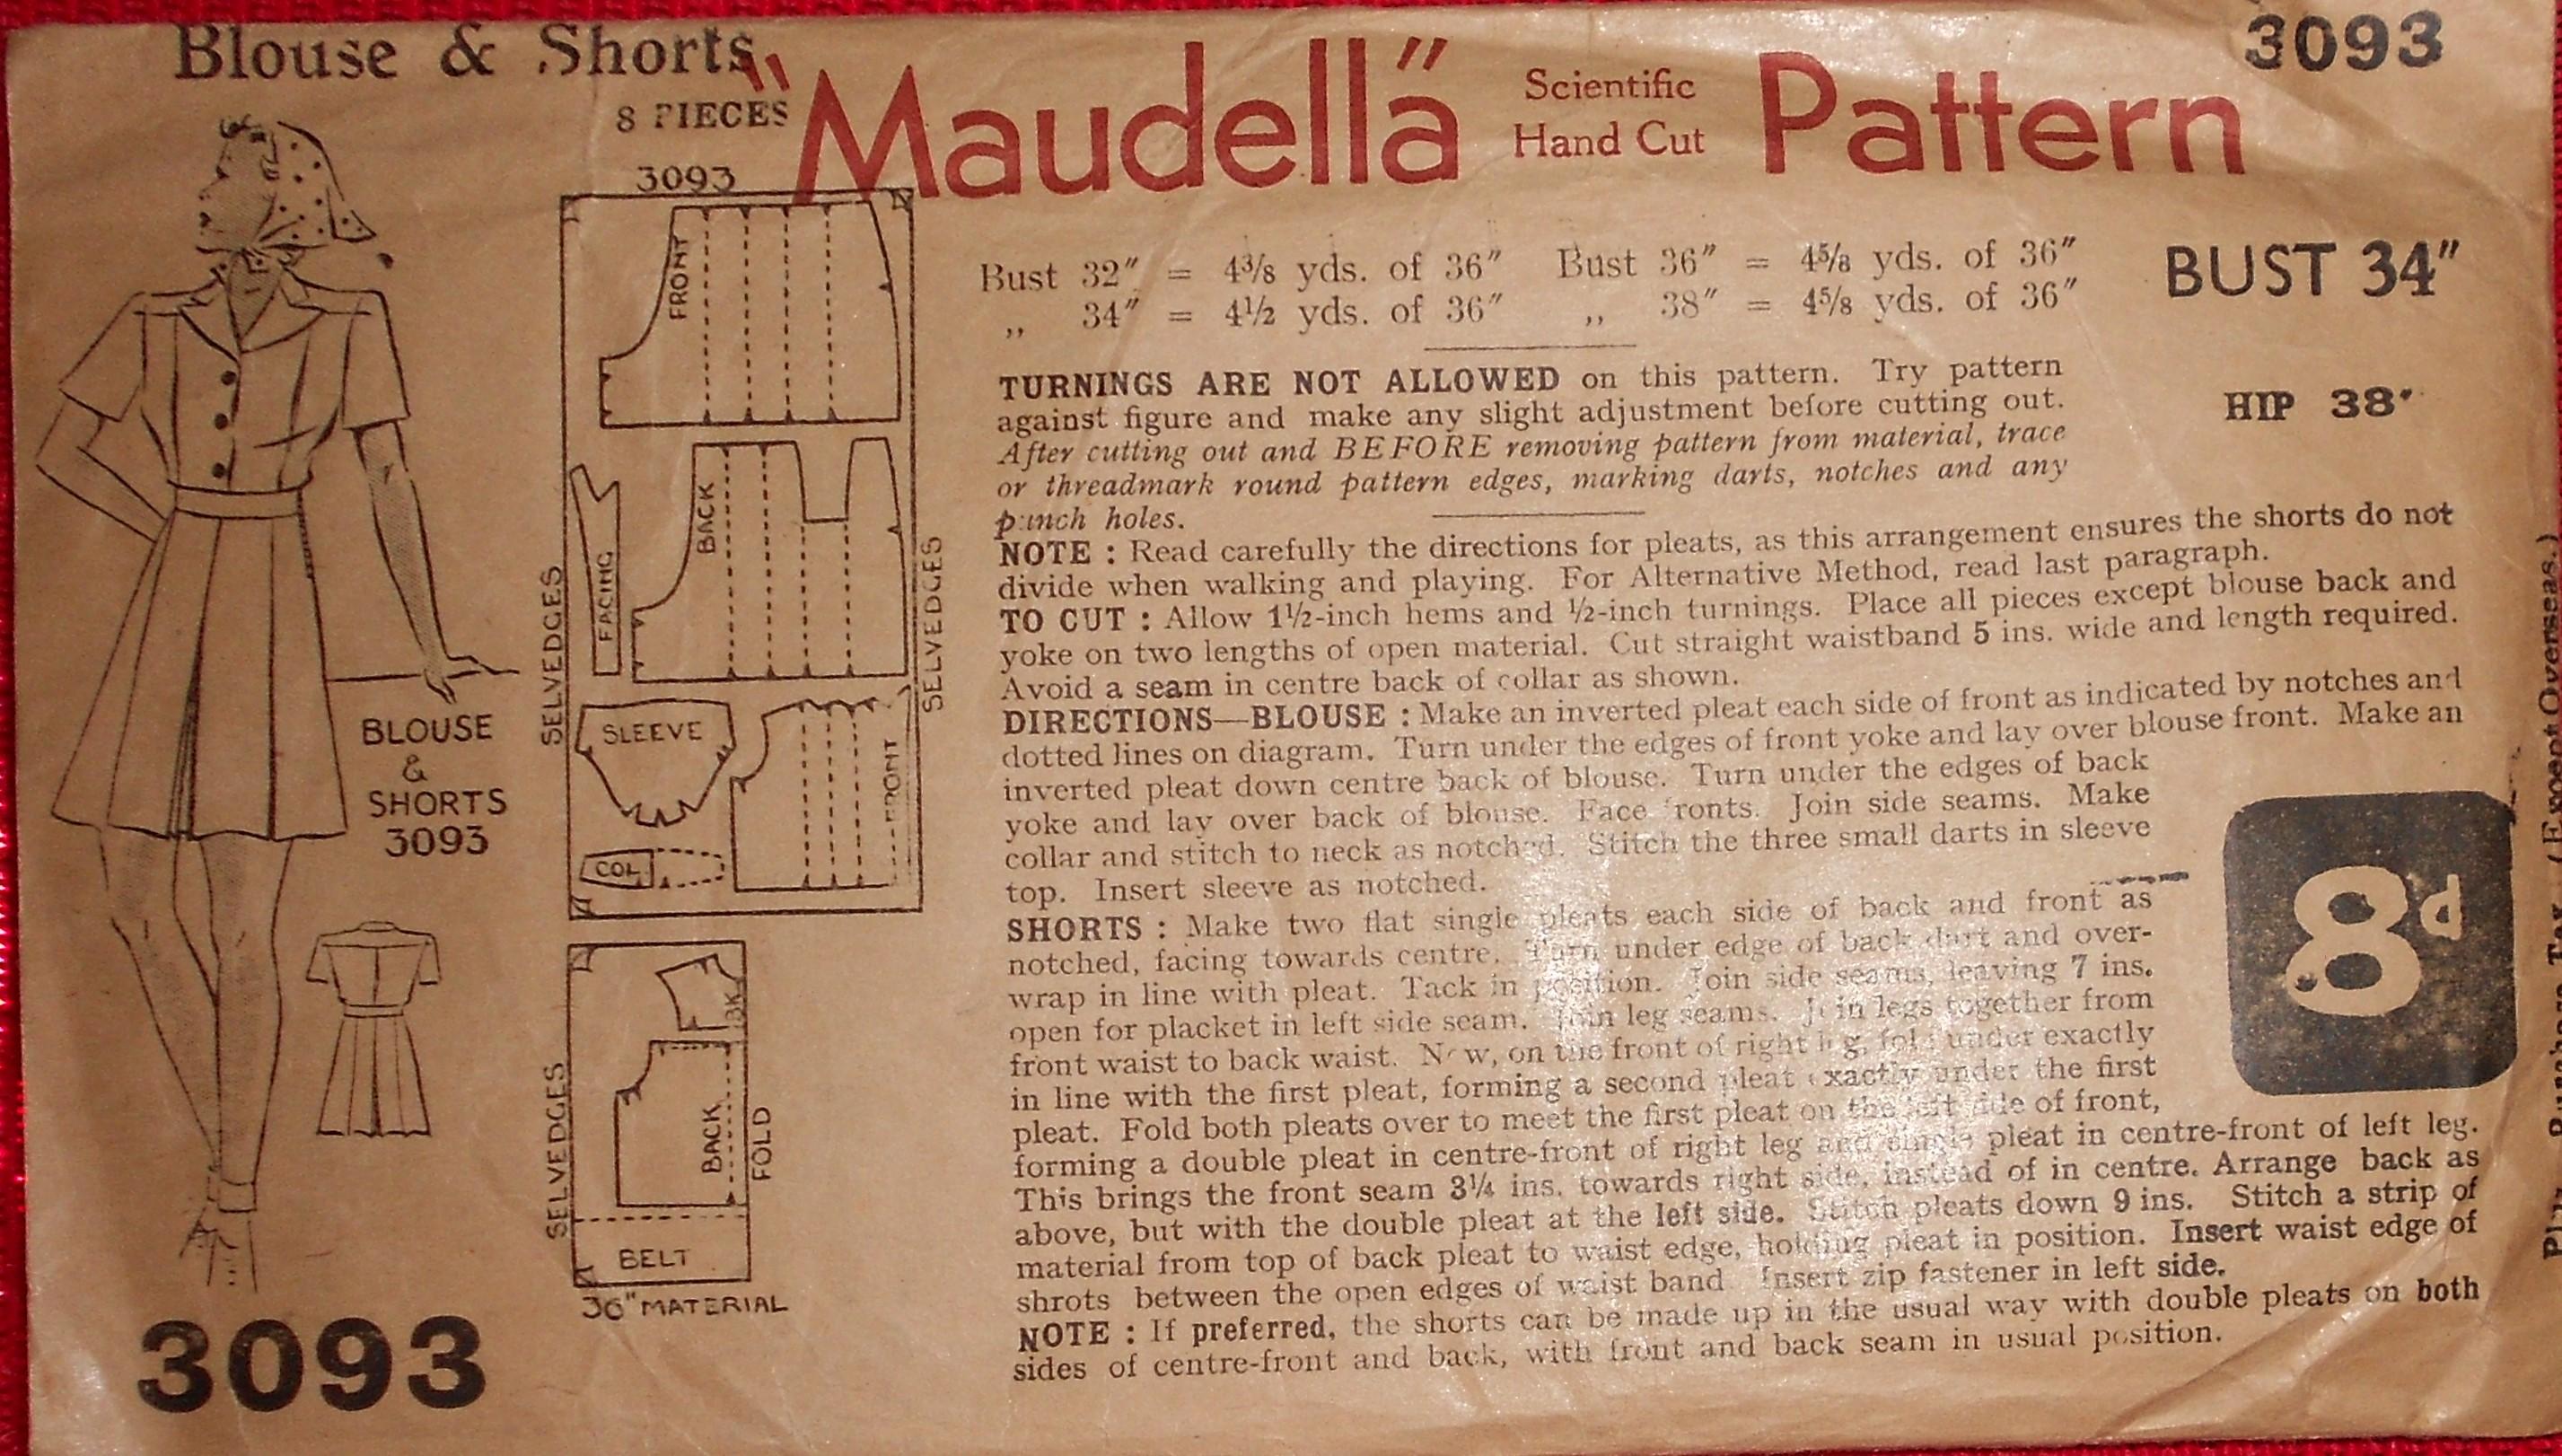 Maudella 3093